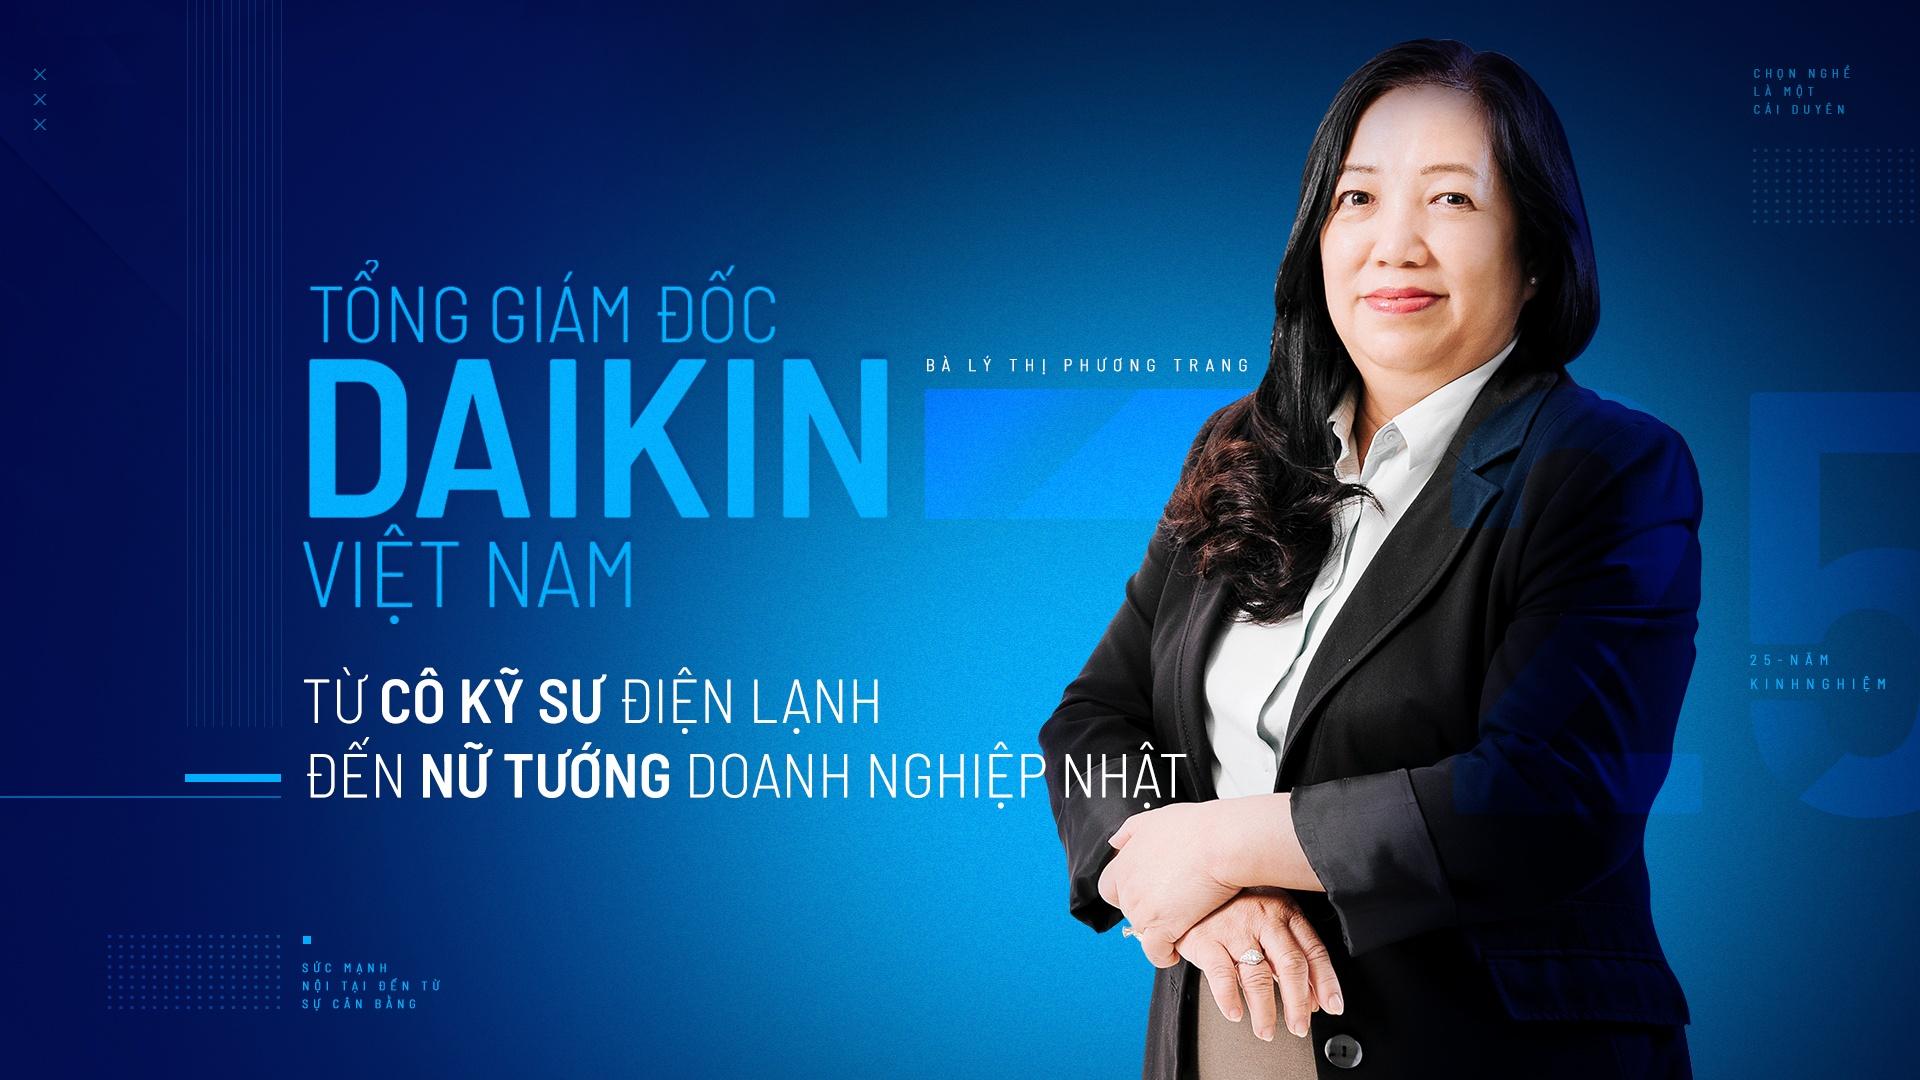 TGĐ Daikin Việt Nam – từ cô kỹ sư đến nữ tướng doanh nghiệp Nhật Cover